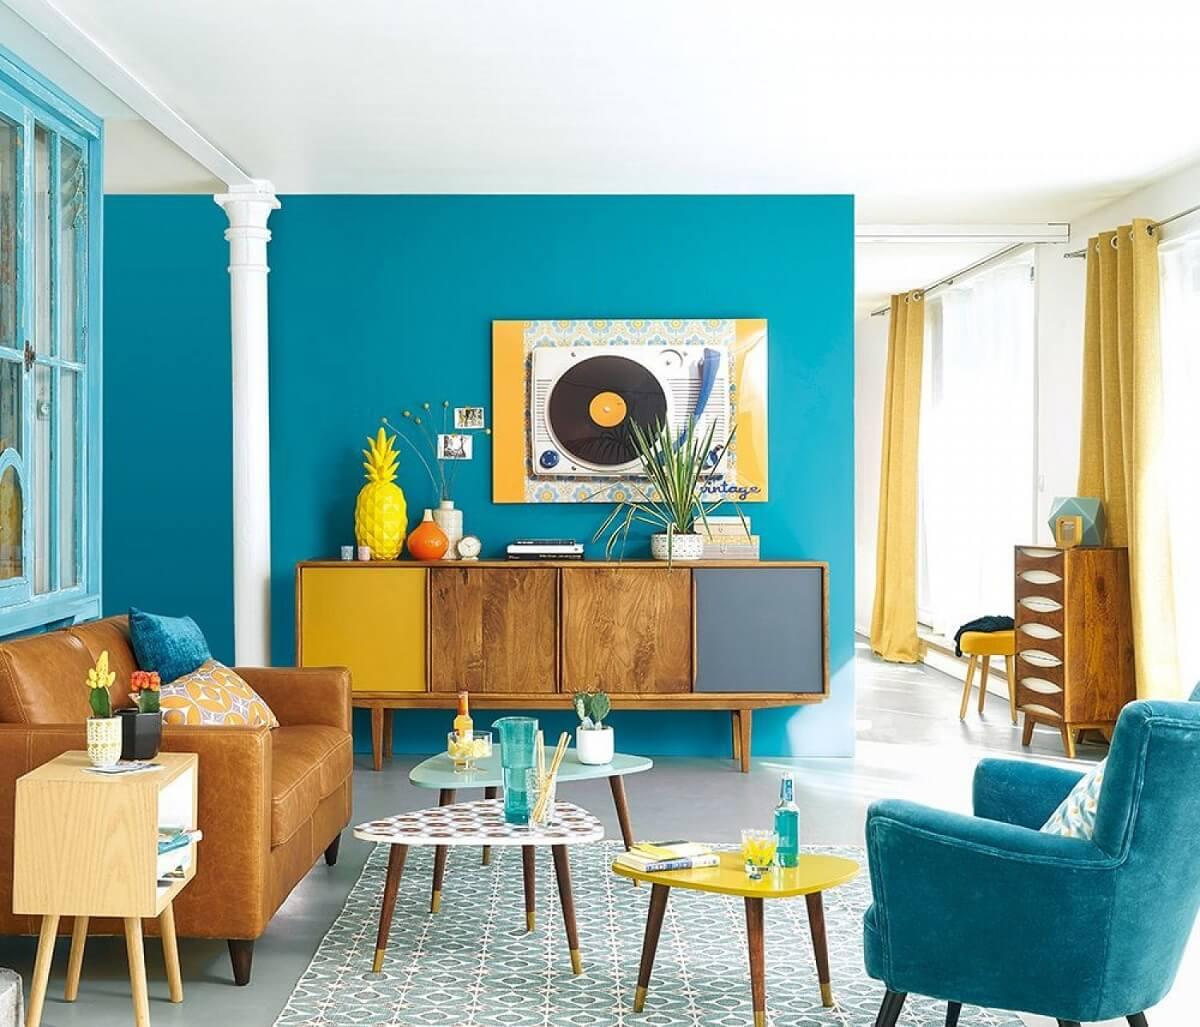 Thiết Kế Phòng Khách Với Phong Cách Vintage Có Màu Sắc Hài Hòa